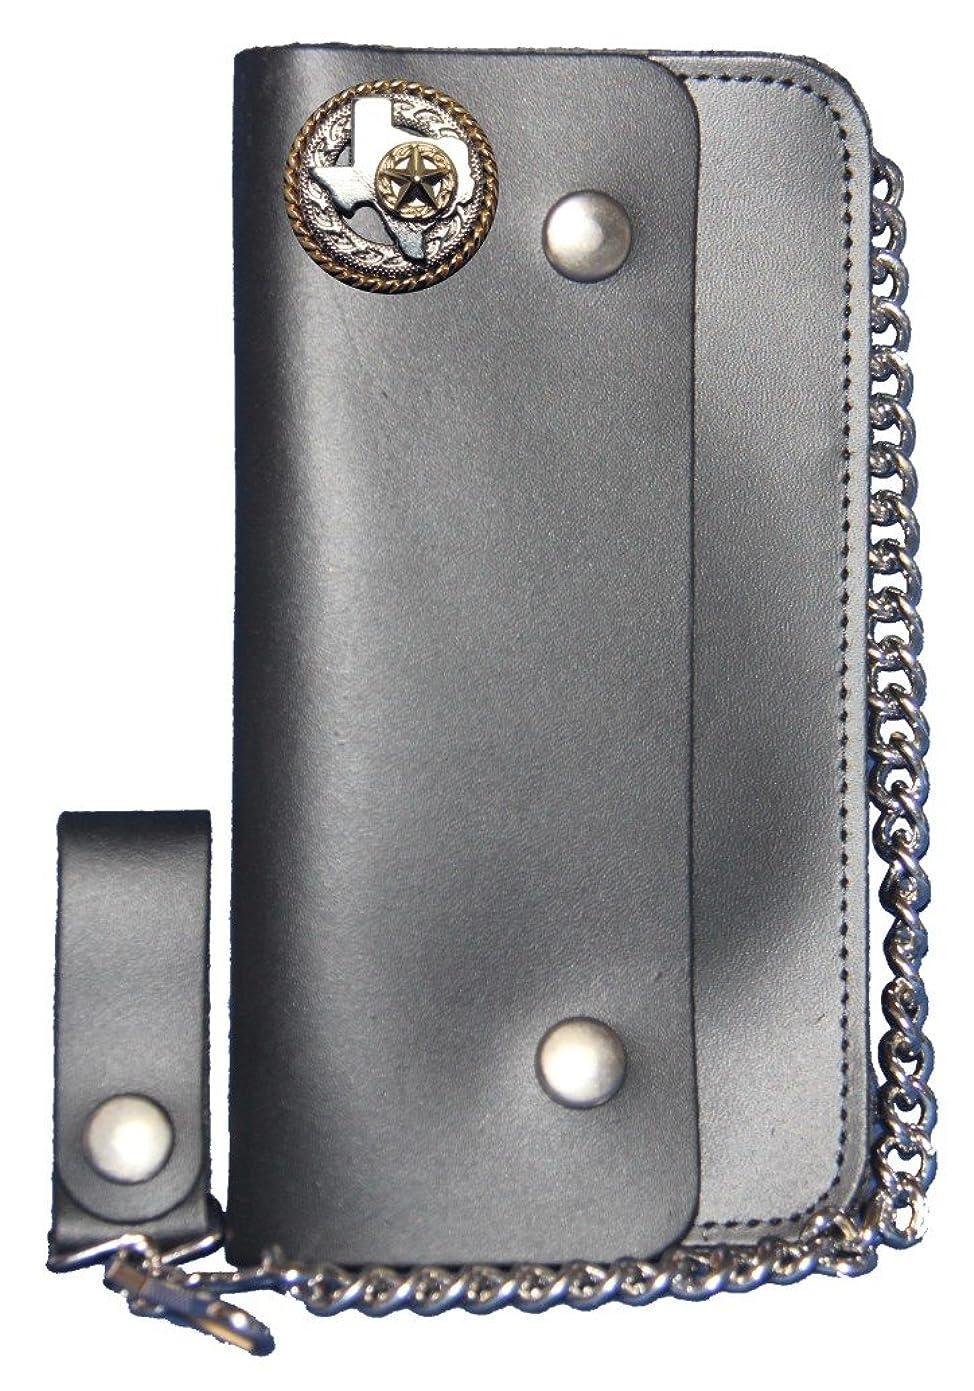 後見落とす種類カスタムTexasロープand Star Longブラックチェーン財布。Made In USA